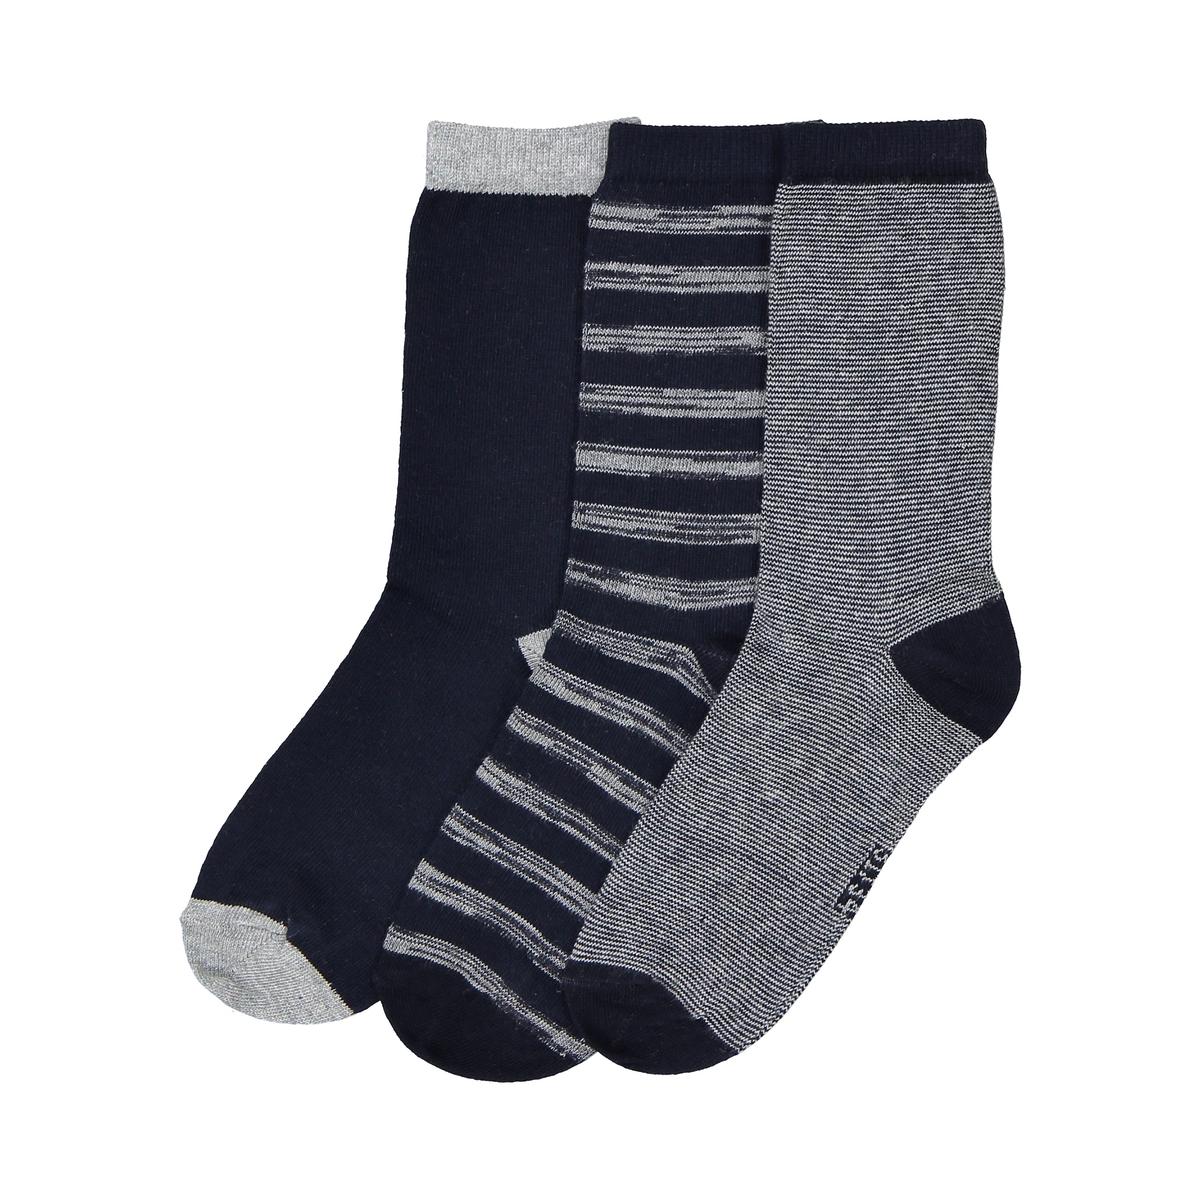 Носки высокие, оригинальные, комплект из 3 парОписание:Комплект из 3 пар высоких стильных носков  носки в полоску, в мелкую полоску и однотонные несомненно стоит приобрести... !Состав и описание :Комплект из 3 пар высоких носков: 1 пара в мелкую полосу, 1 пара в полосу с потёртым эффектом, 1 однотонная пара  Материал : 74 % хлопка, 25% полиамида, 1% эластанаУход :Машинная стирка при  30°C с вещами подобных цветов.Стирать, сушить и гладить с изнаночной стороны.Машинная сушка на умеренном режиме..Гладить при умеренной температуре.<br><br>Цвет: темно-синий/ серый<br>Размер: 19/22.39/42.27/30.35/38.31/34.23/26